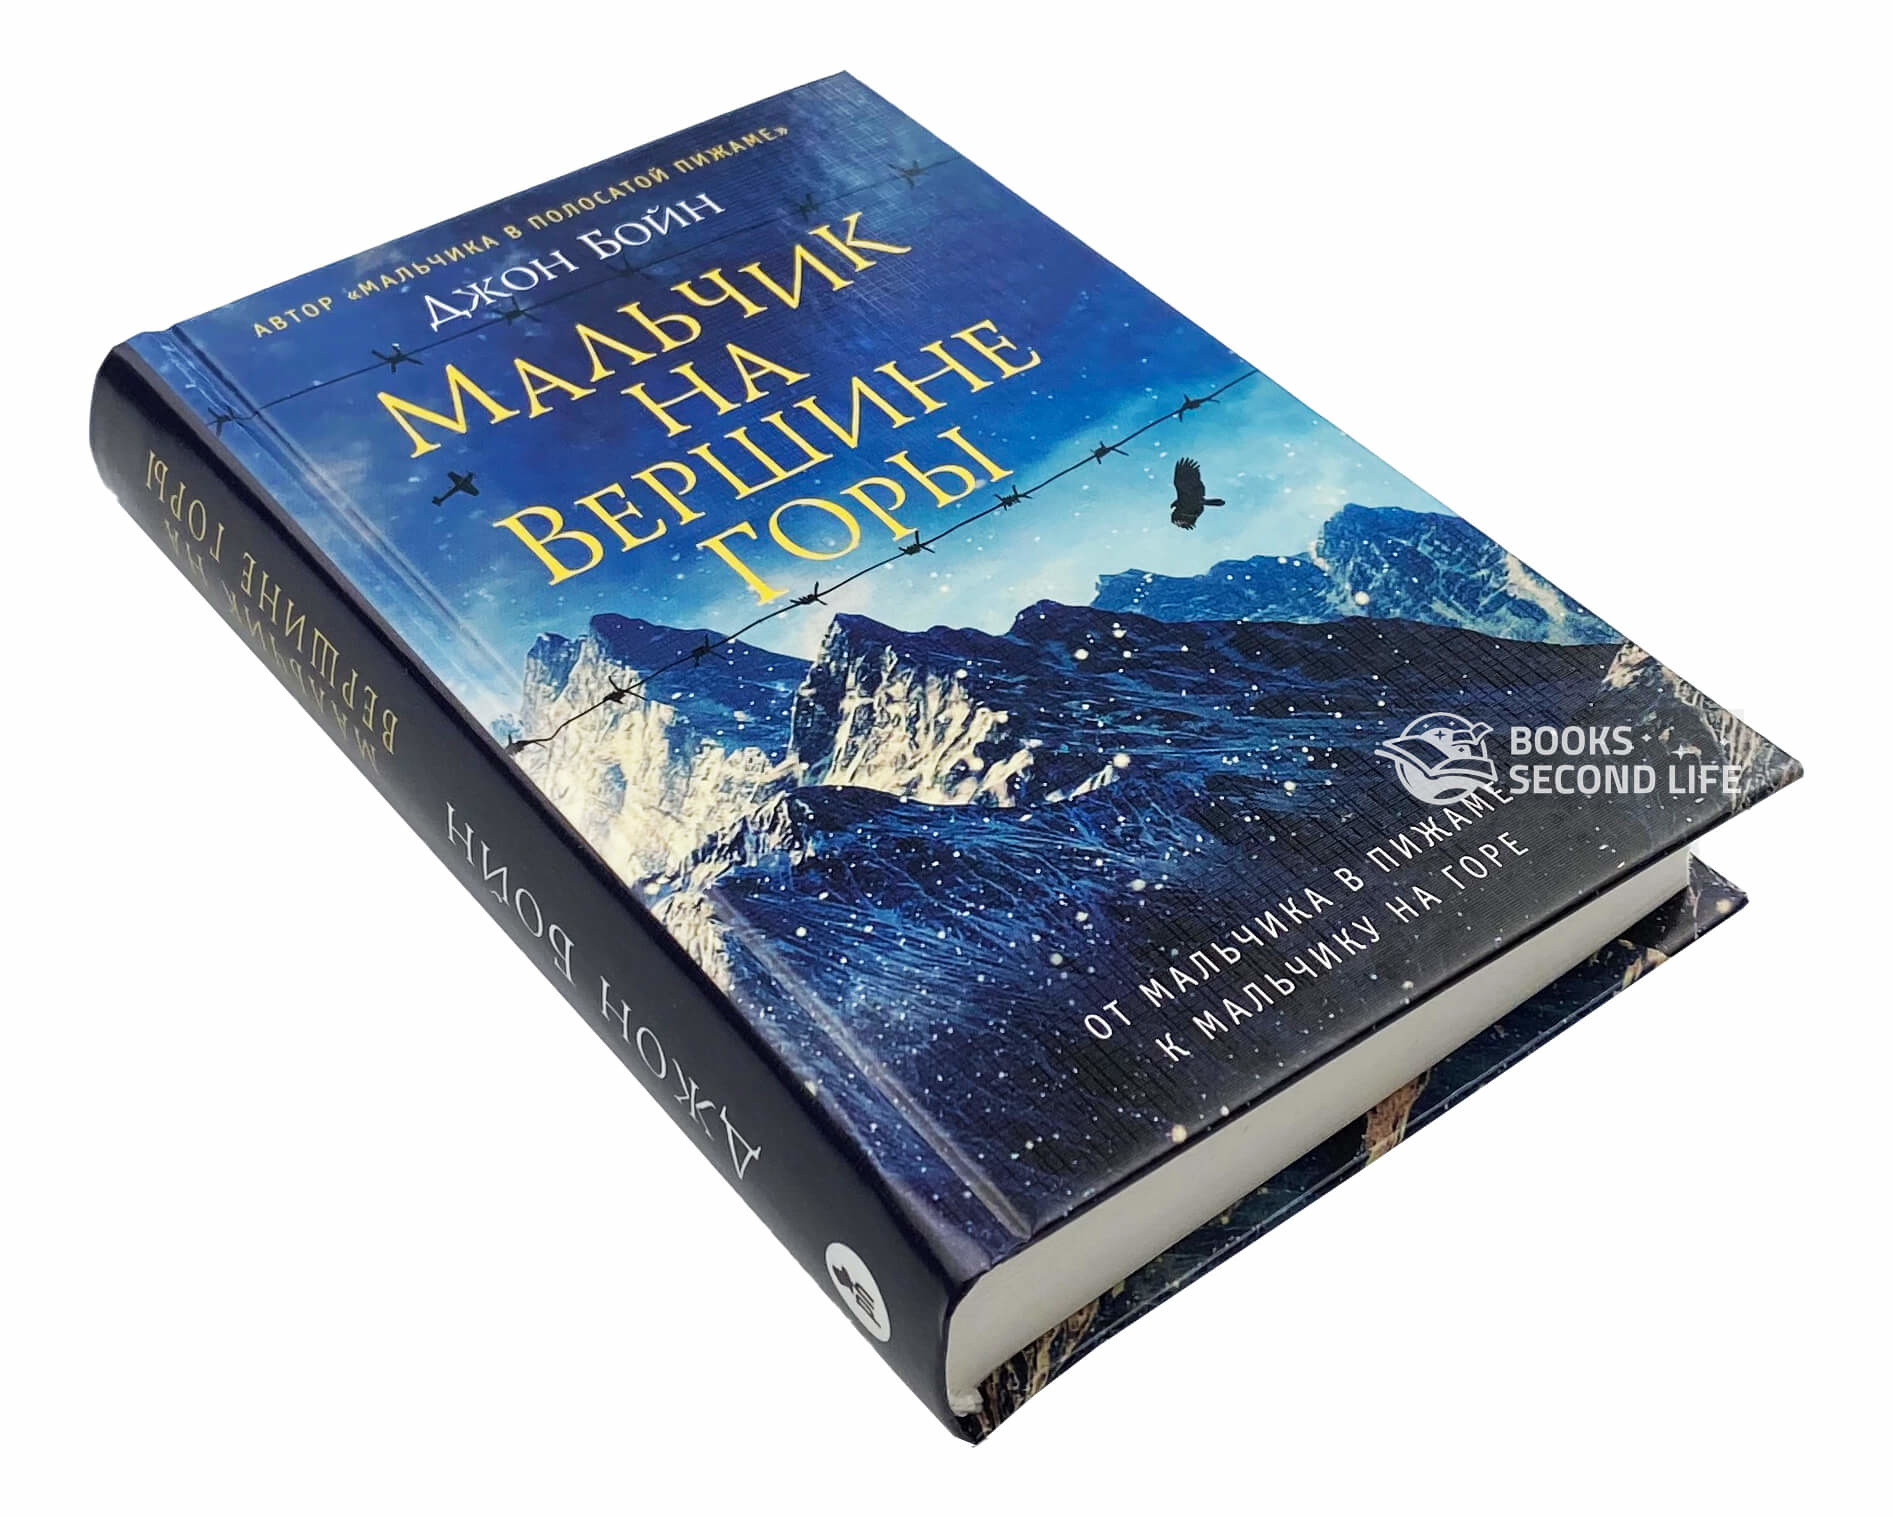 Мальчик на вершине горы. Автор — Джон Бойн. Переплет —